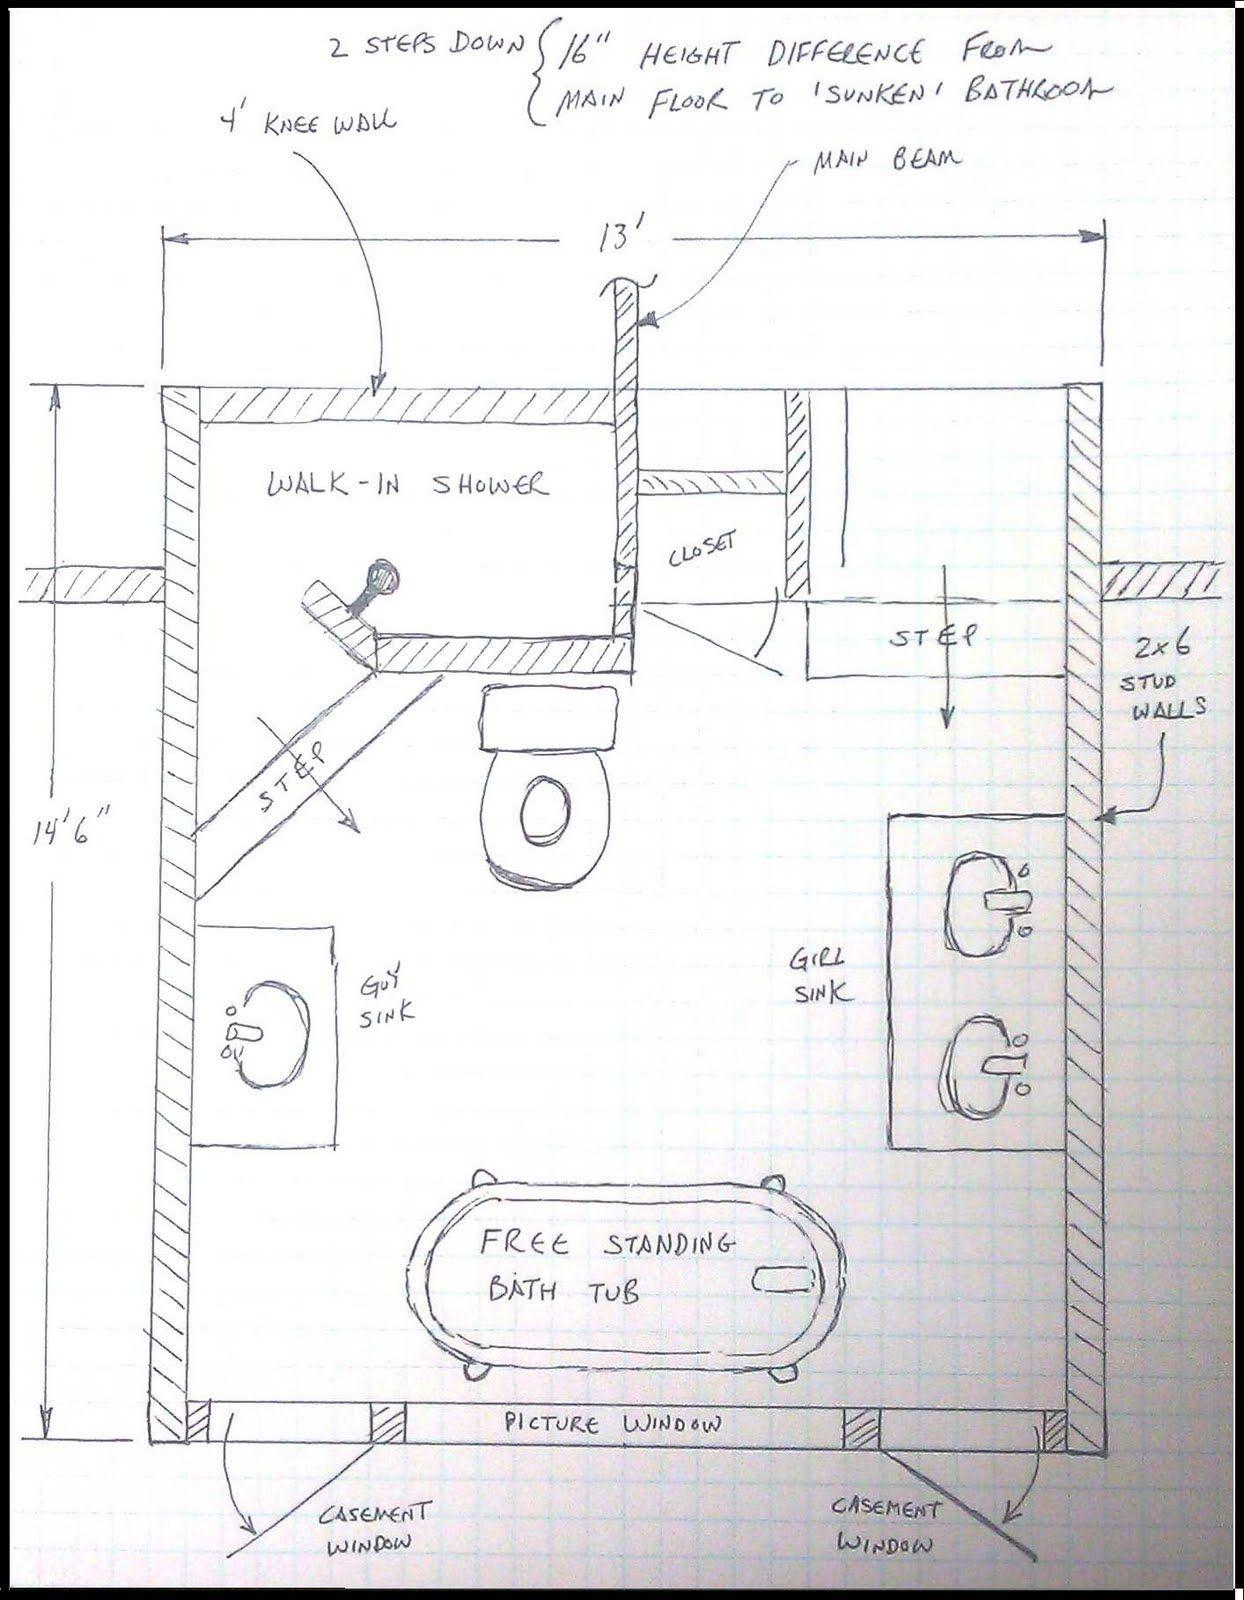 Kleines badezimmer design 5 'x 6' floor plan layout large shower bathroom  very best small bathroom